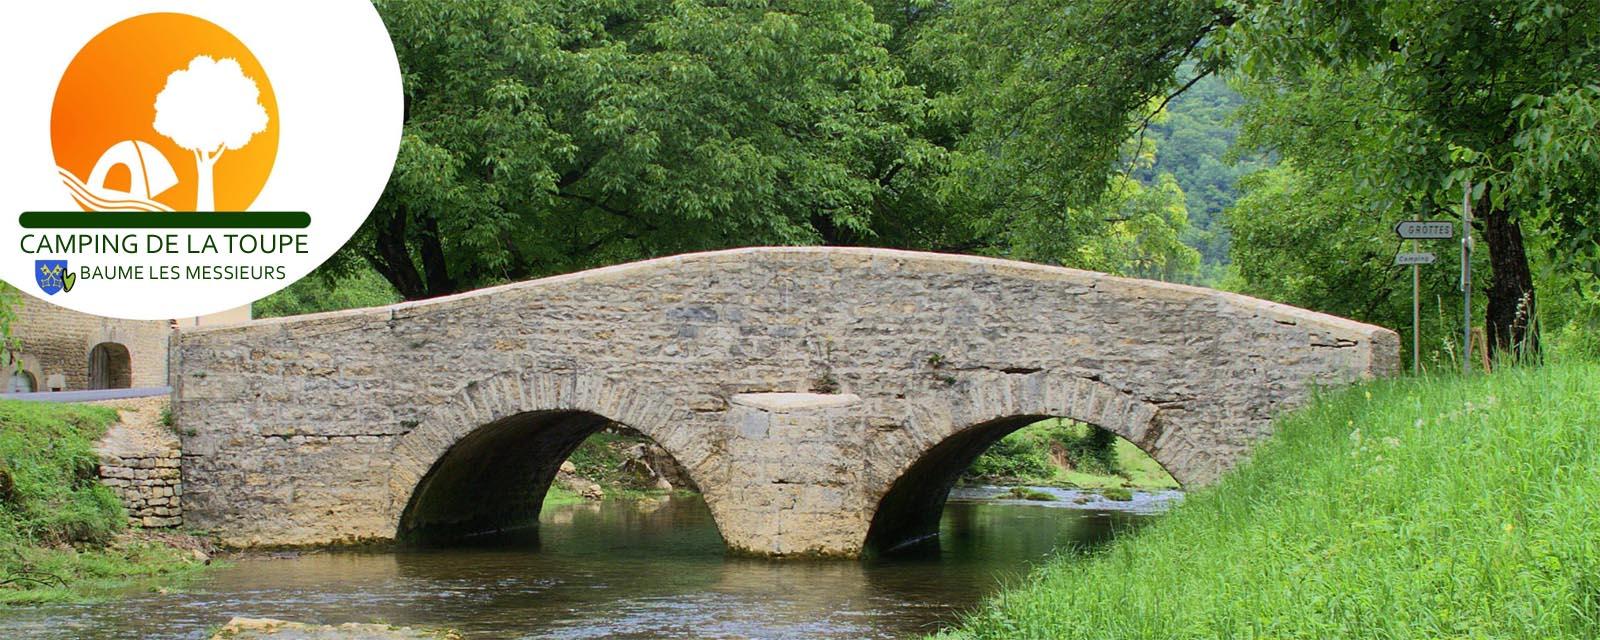 Charme et calme en bordure d'une petite rivière